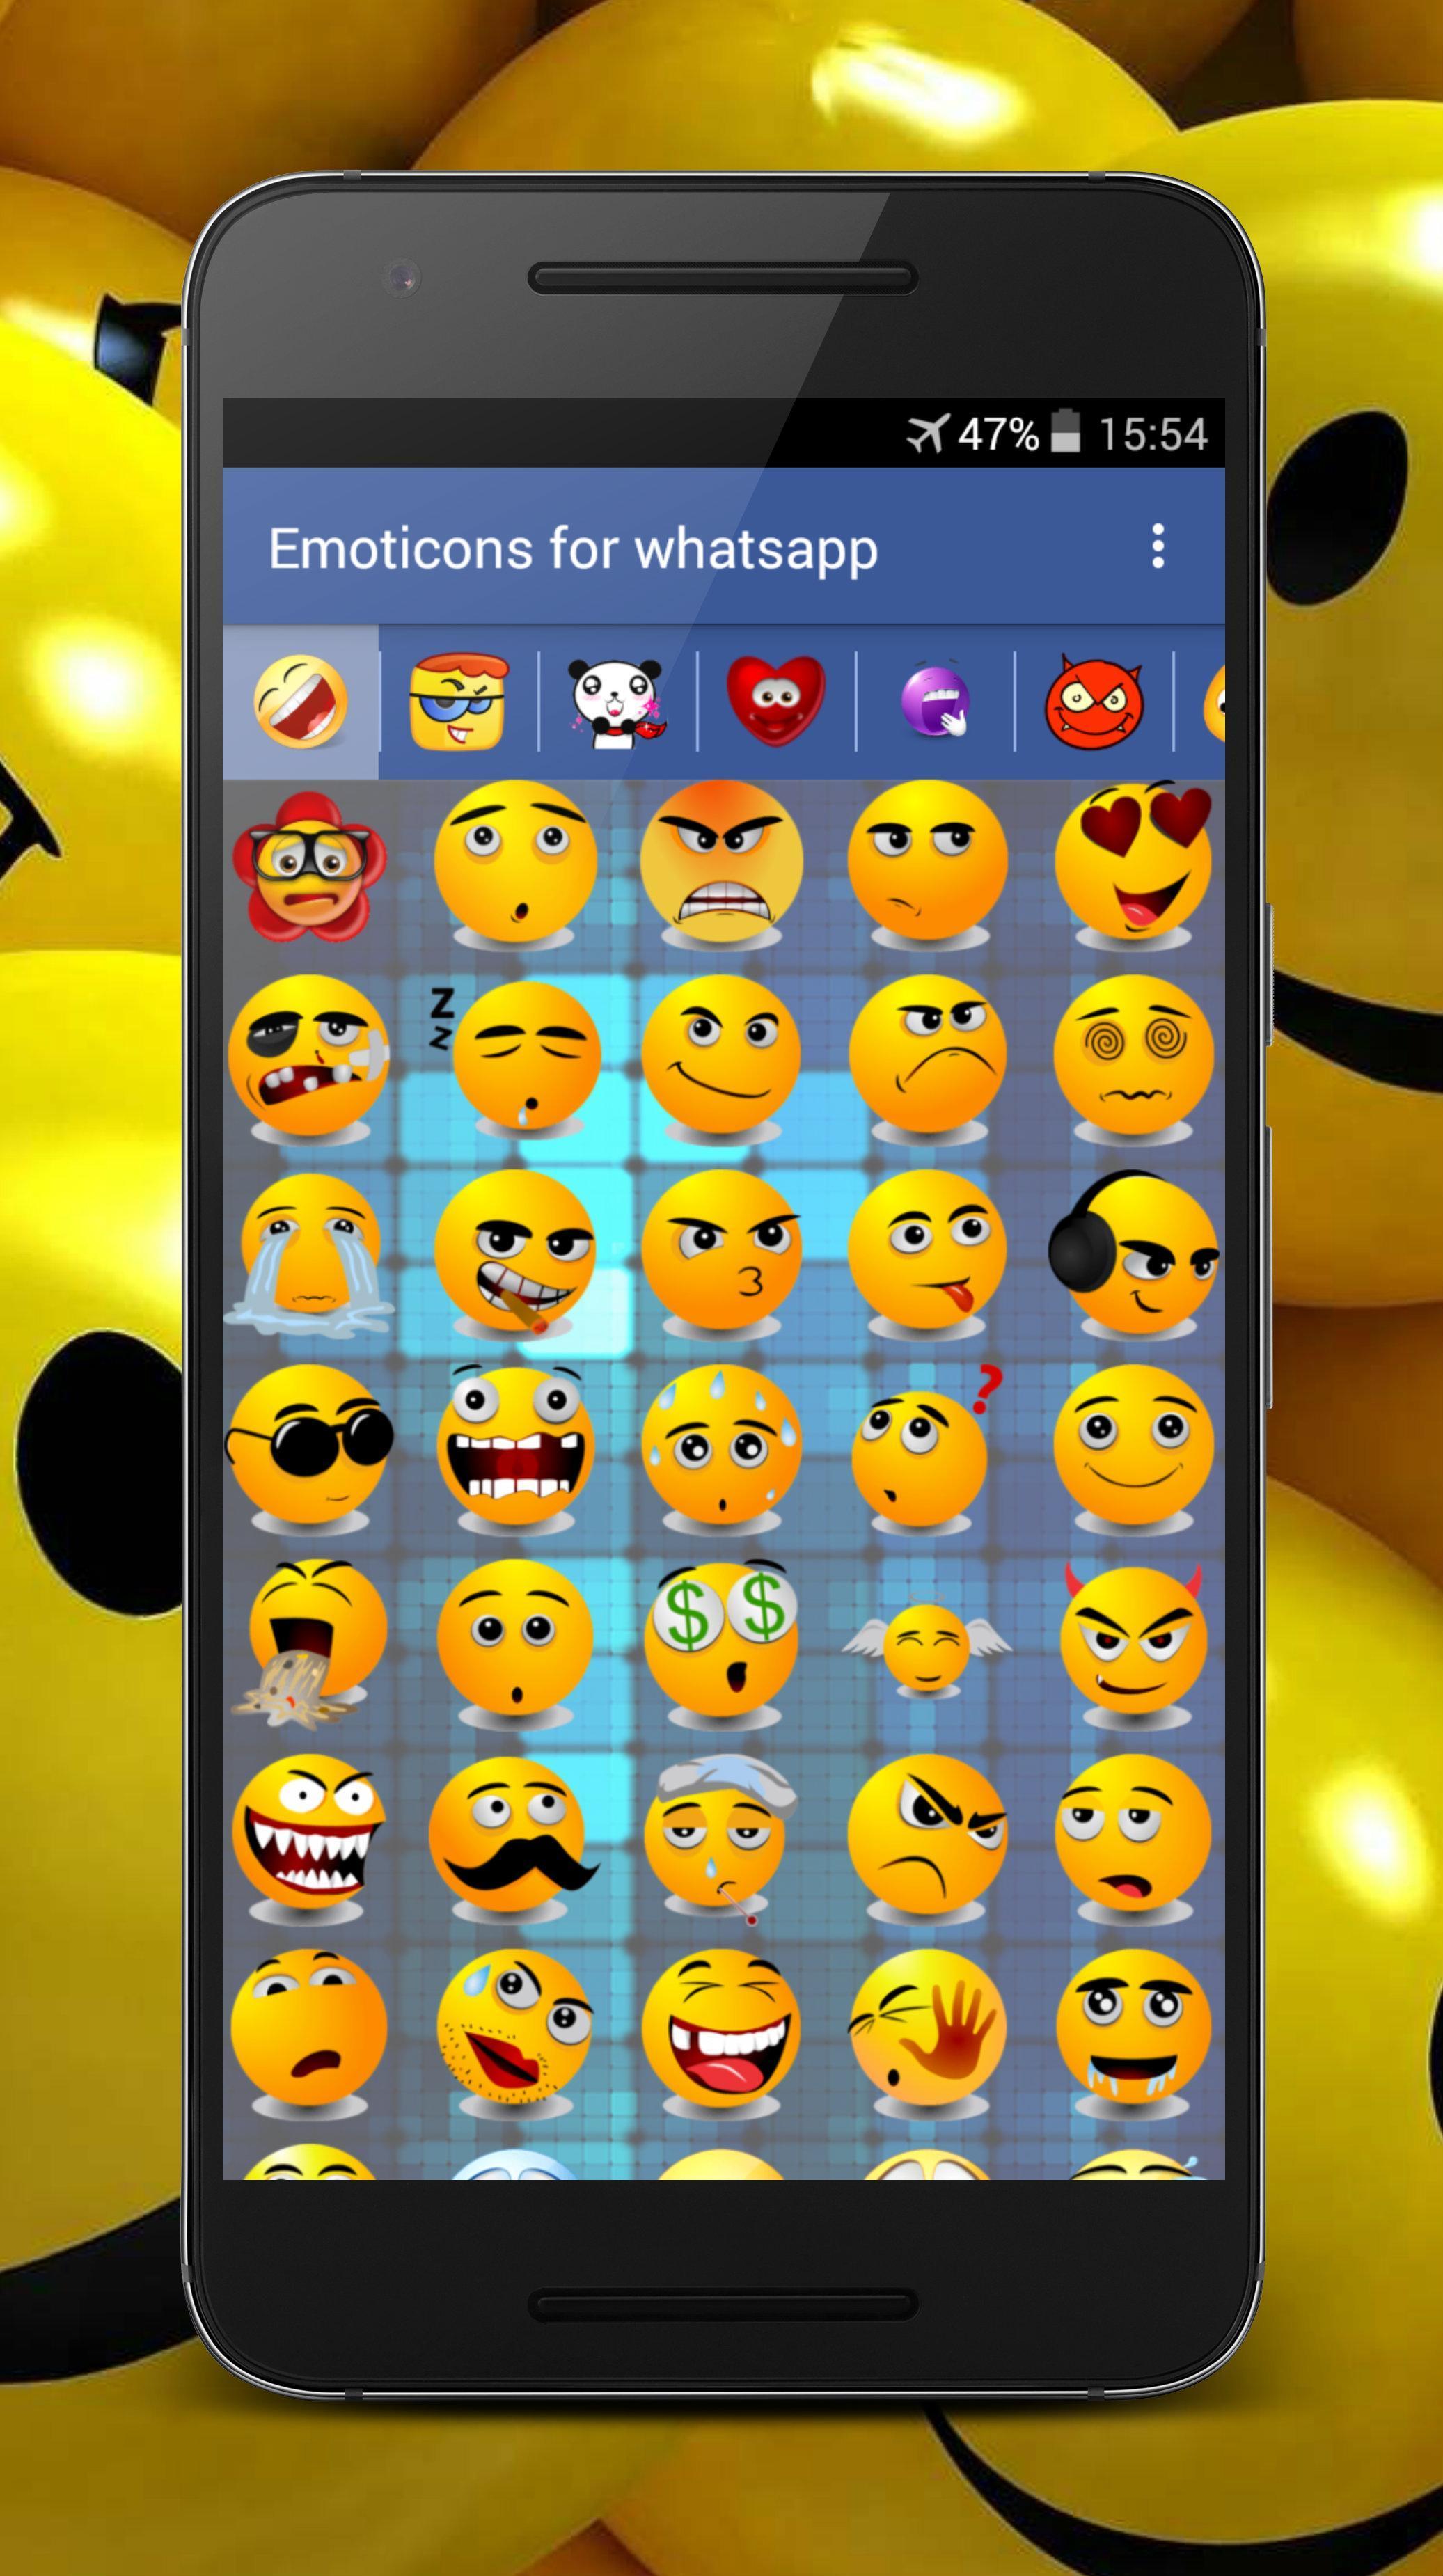 целом приложение на айфоне со смайликами для фото удовольствием посещала